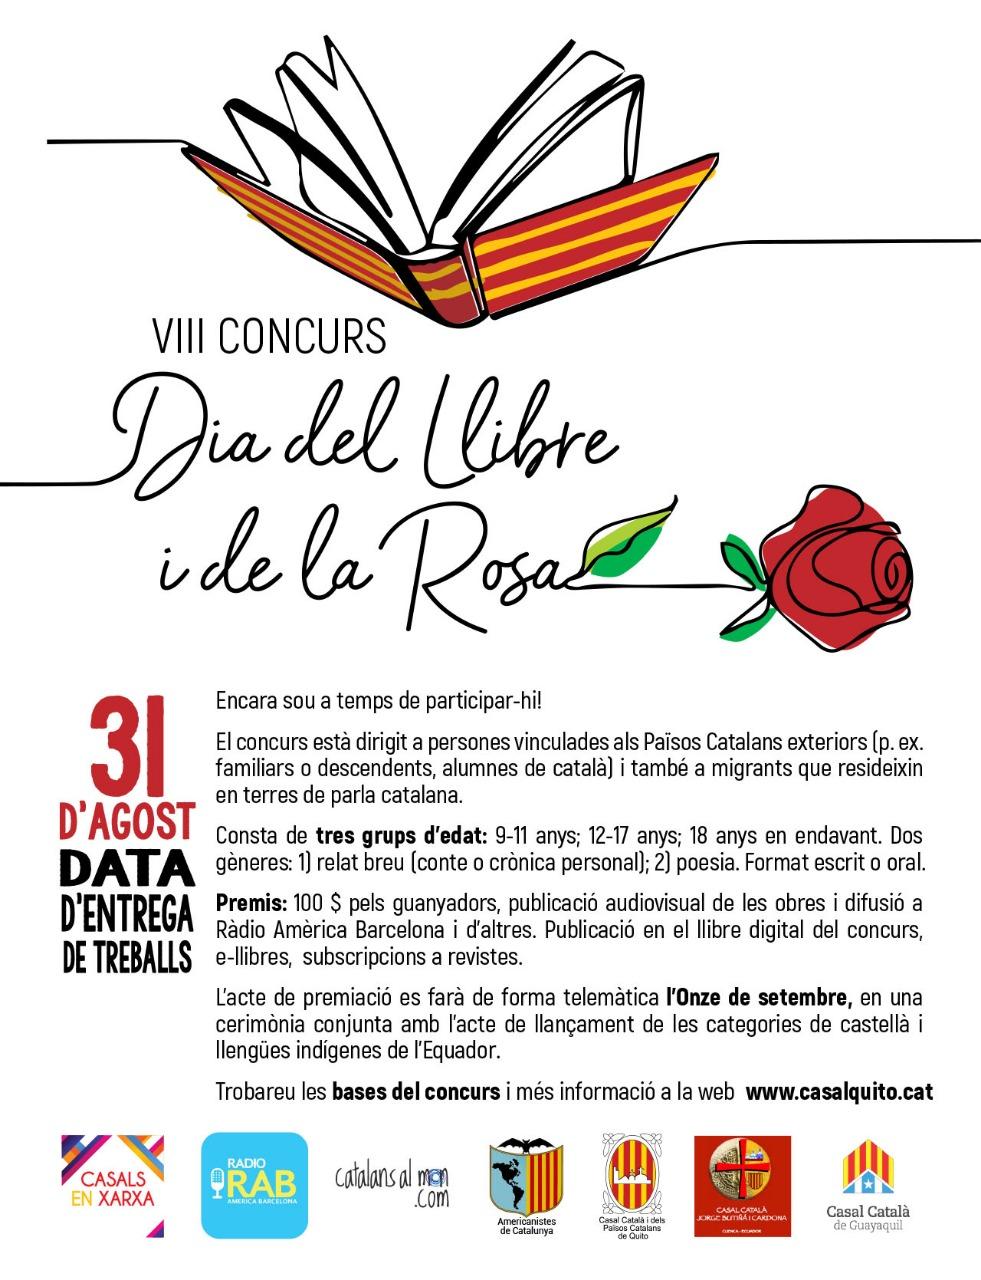 La premiació del concurs Dia del Llibre i de la Rosa es posposa per a l'Onze de setembre